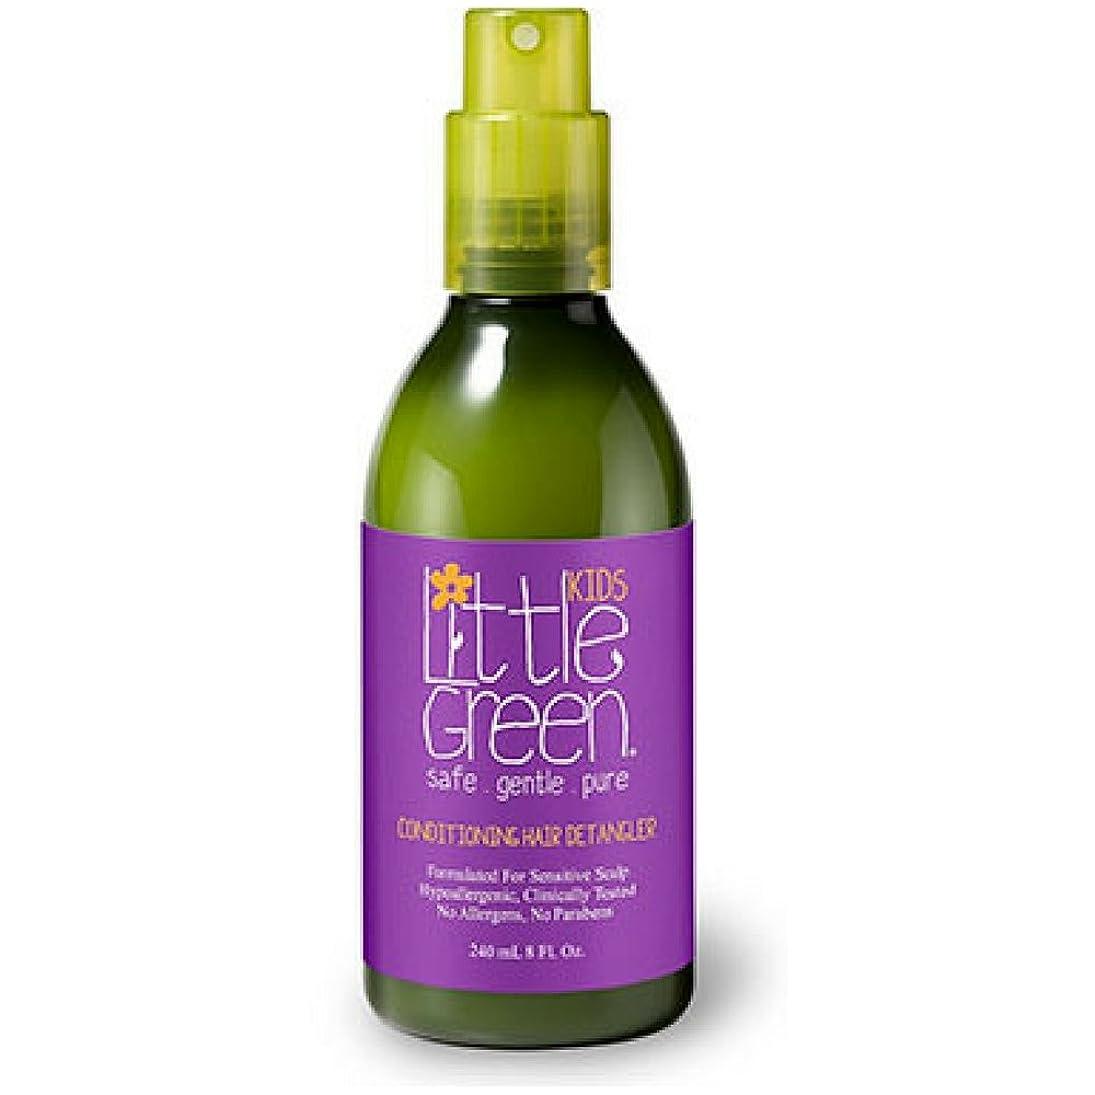 祈り以前は誤Little Green キッズコンディショニングDetangler - 子供Detanglerスプレー - 安全かつ非毒性 - 低刺激性 - - パラベンやグルテンフリー - ウェットまたはドライの髪に使用し臨床的に子供のためのテスト済み - 髪を保護 8フロリダ。オンス